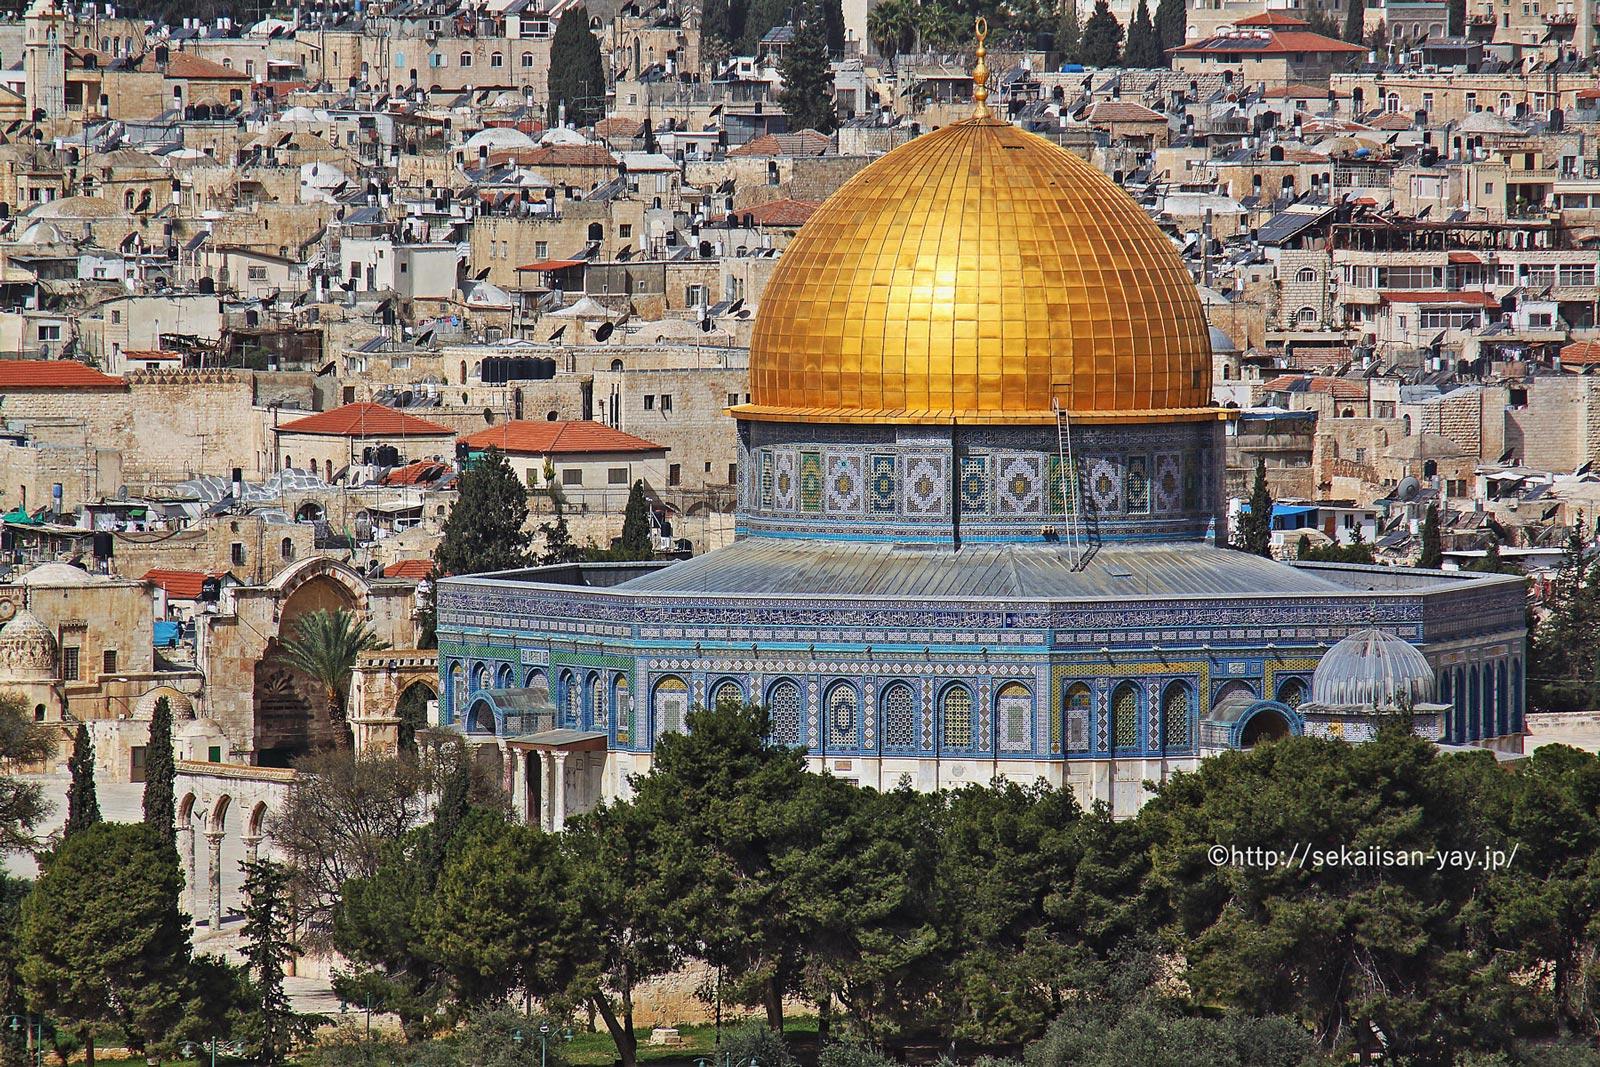 エルサレム(ヨルダンによる申請遺産)「エルサレムの旧市街とその城壁群」- 岩のドーム